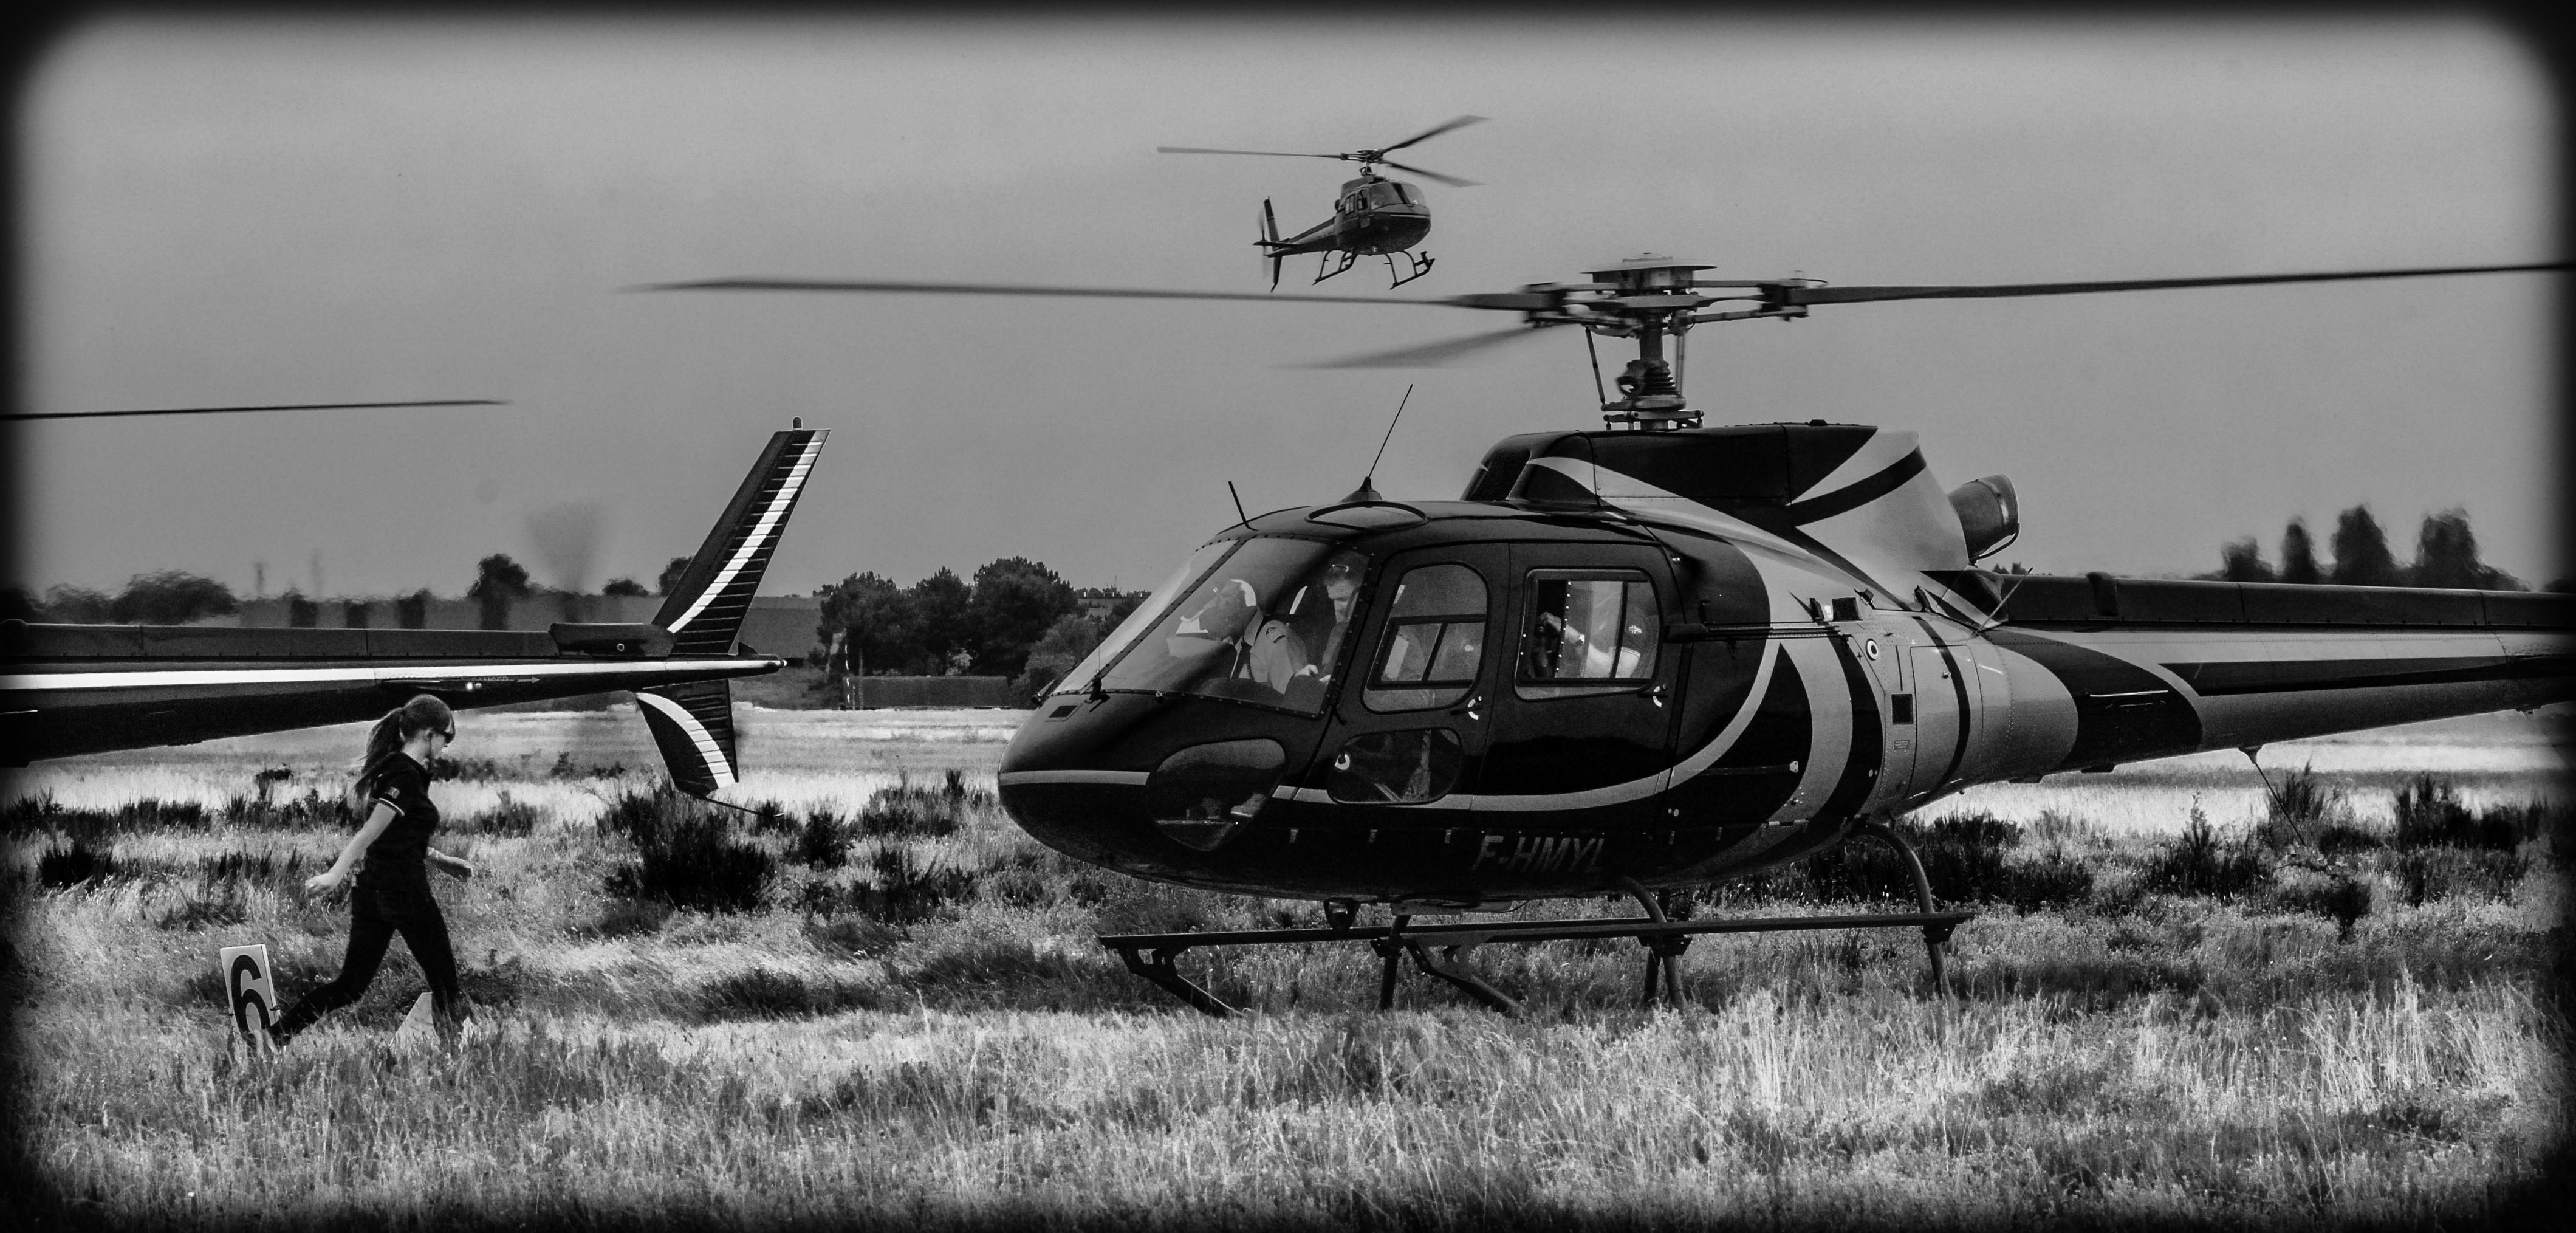 Promenade dans les airs en hélicoptère à Etretat